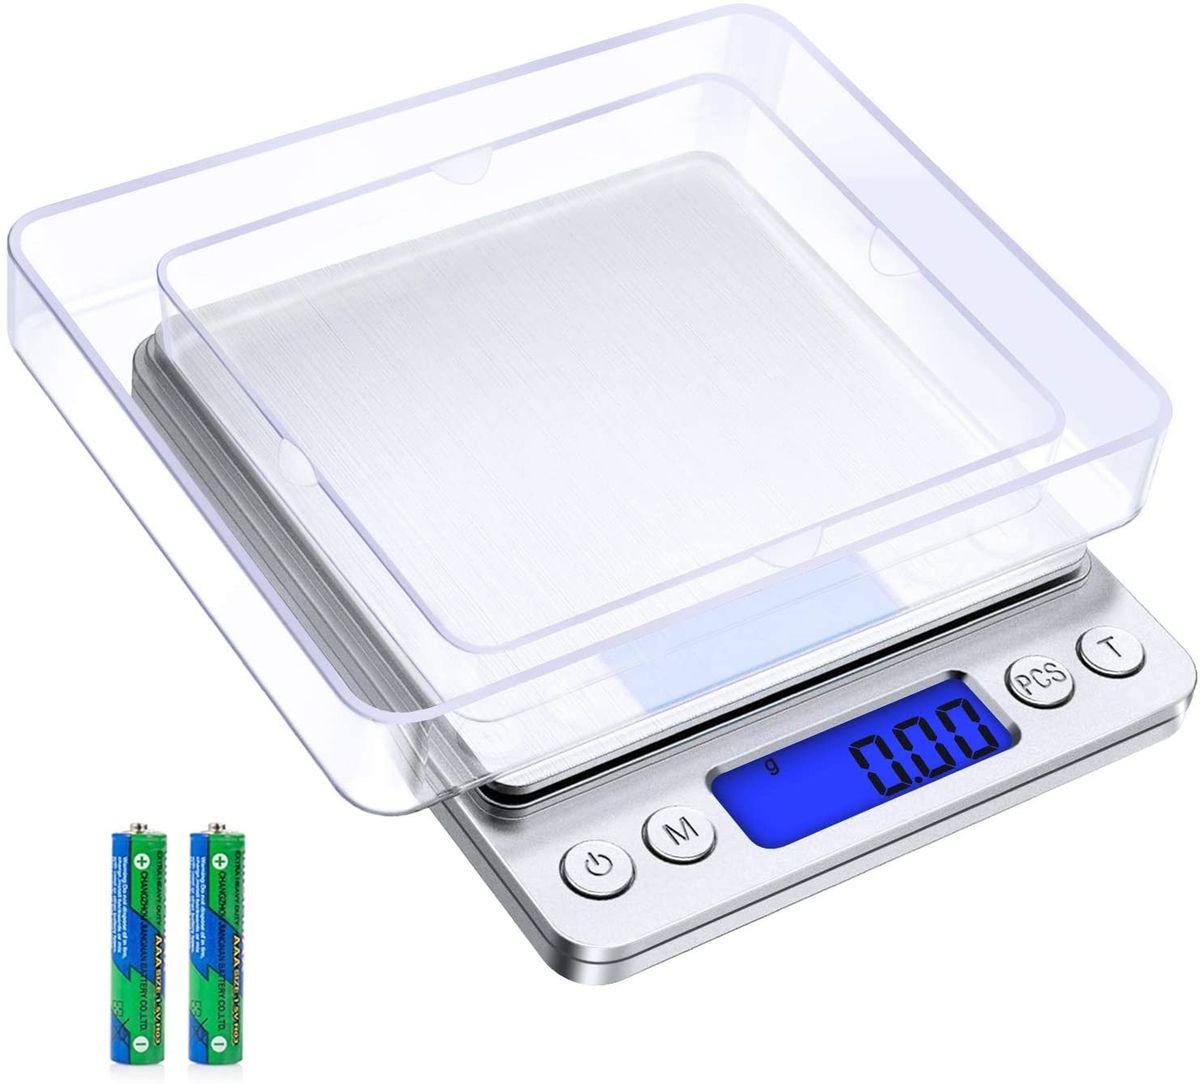 Une balance de précision peut mesurer des poids à partir de 0,1 ou même 0,01 grammes. Et on vous dit les critères pour choisir le meilleur modèle.